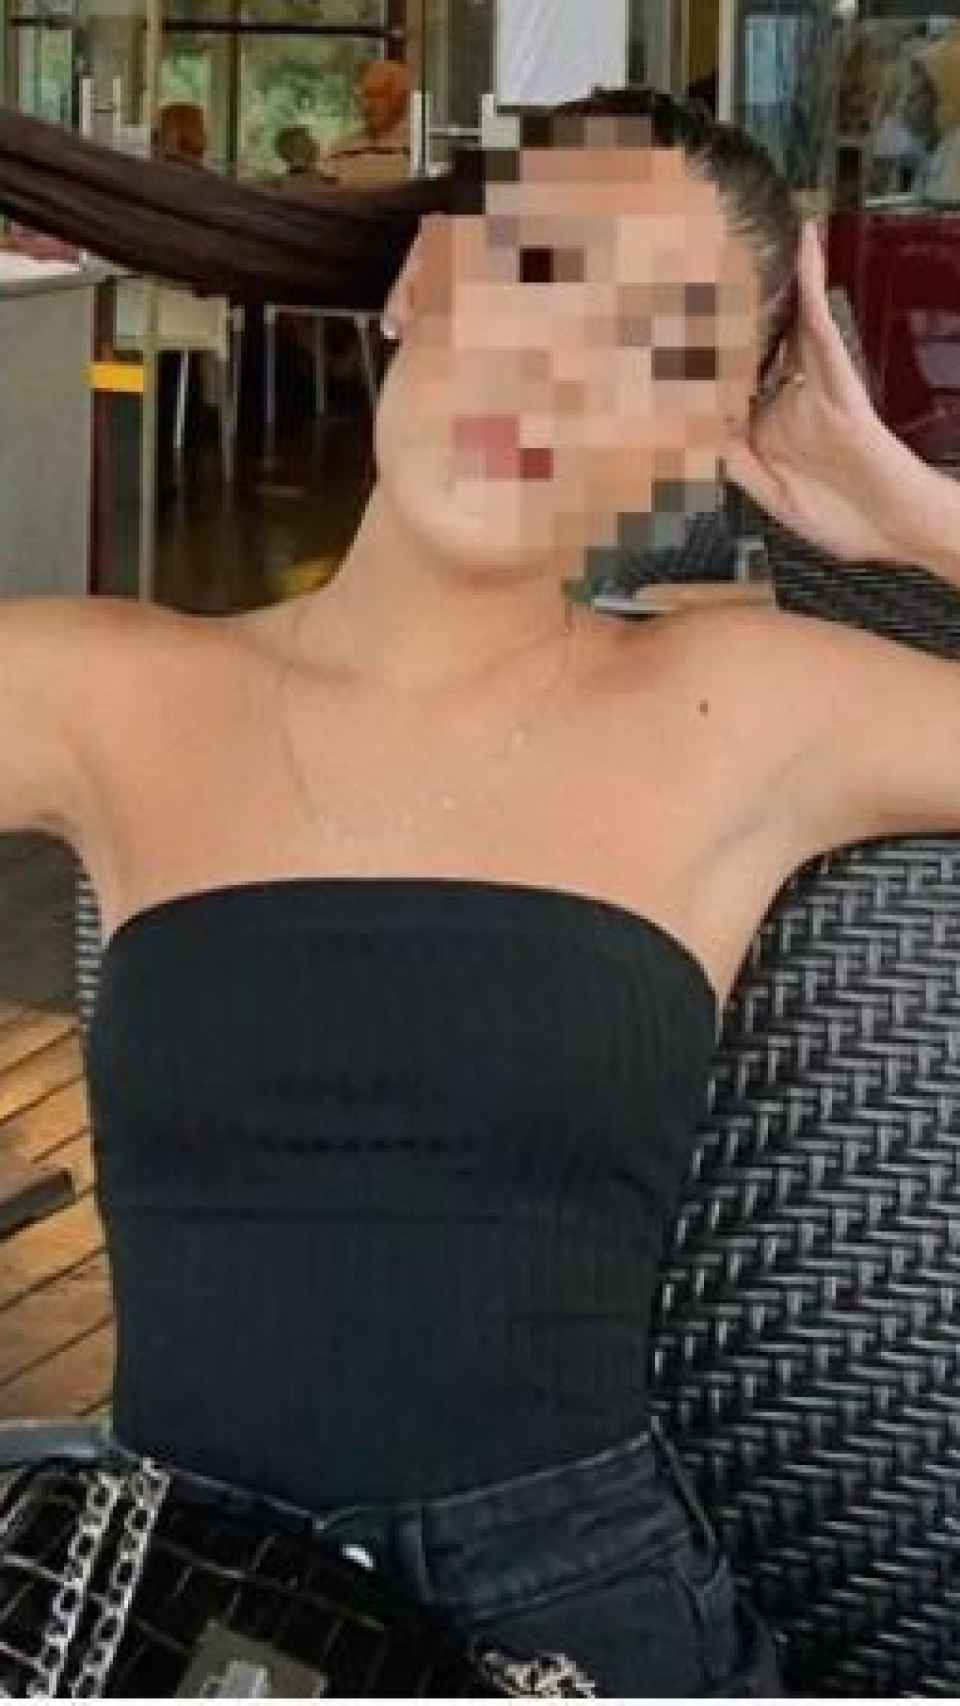 La nueva fotografía de perfil de Julia Janeiro en Instagram.